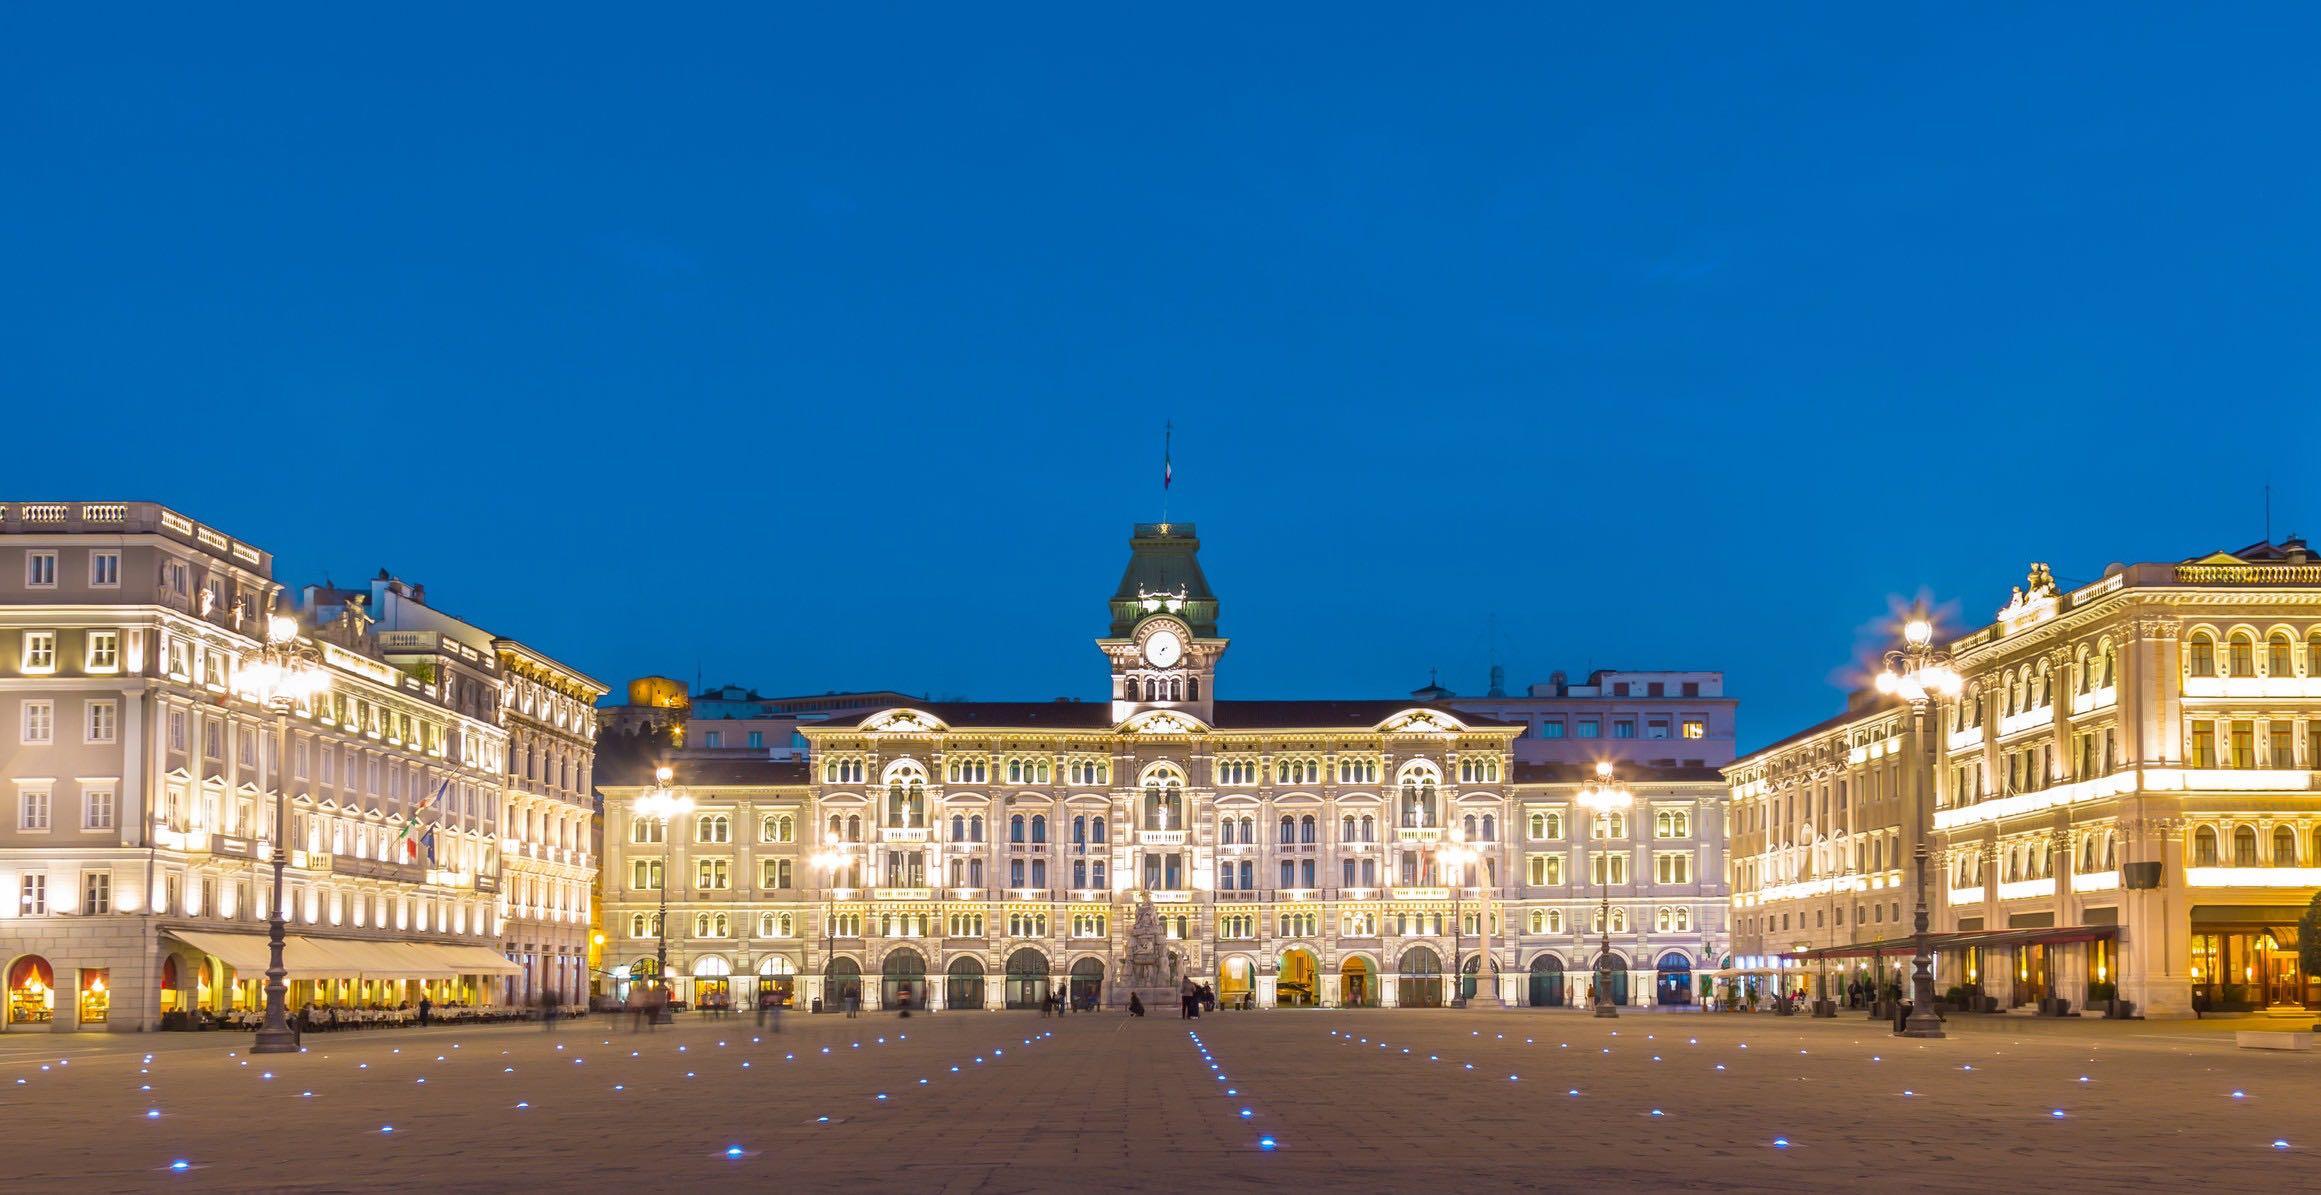 Il palazzo del municipio in Piazza Unità d'Italia a Trieste illuminata al crepuscolo. Credit: Kasto/depositphotos.